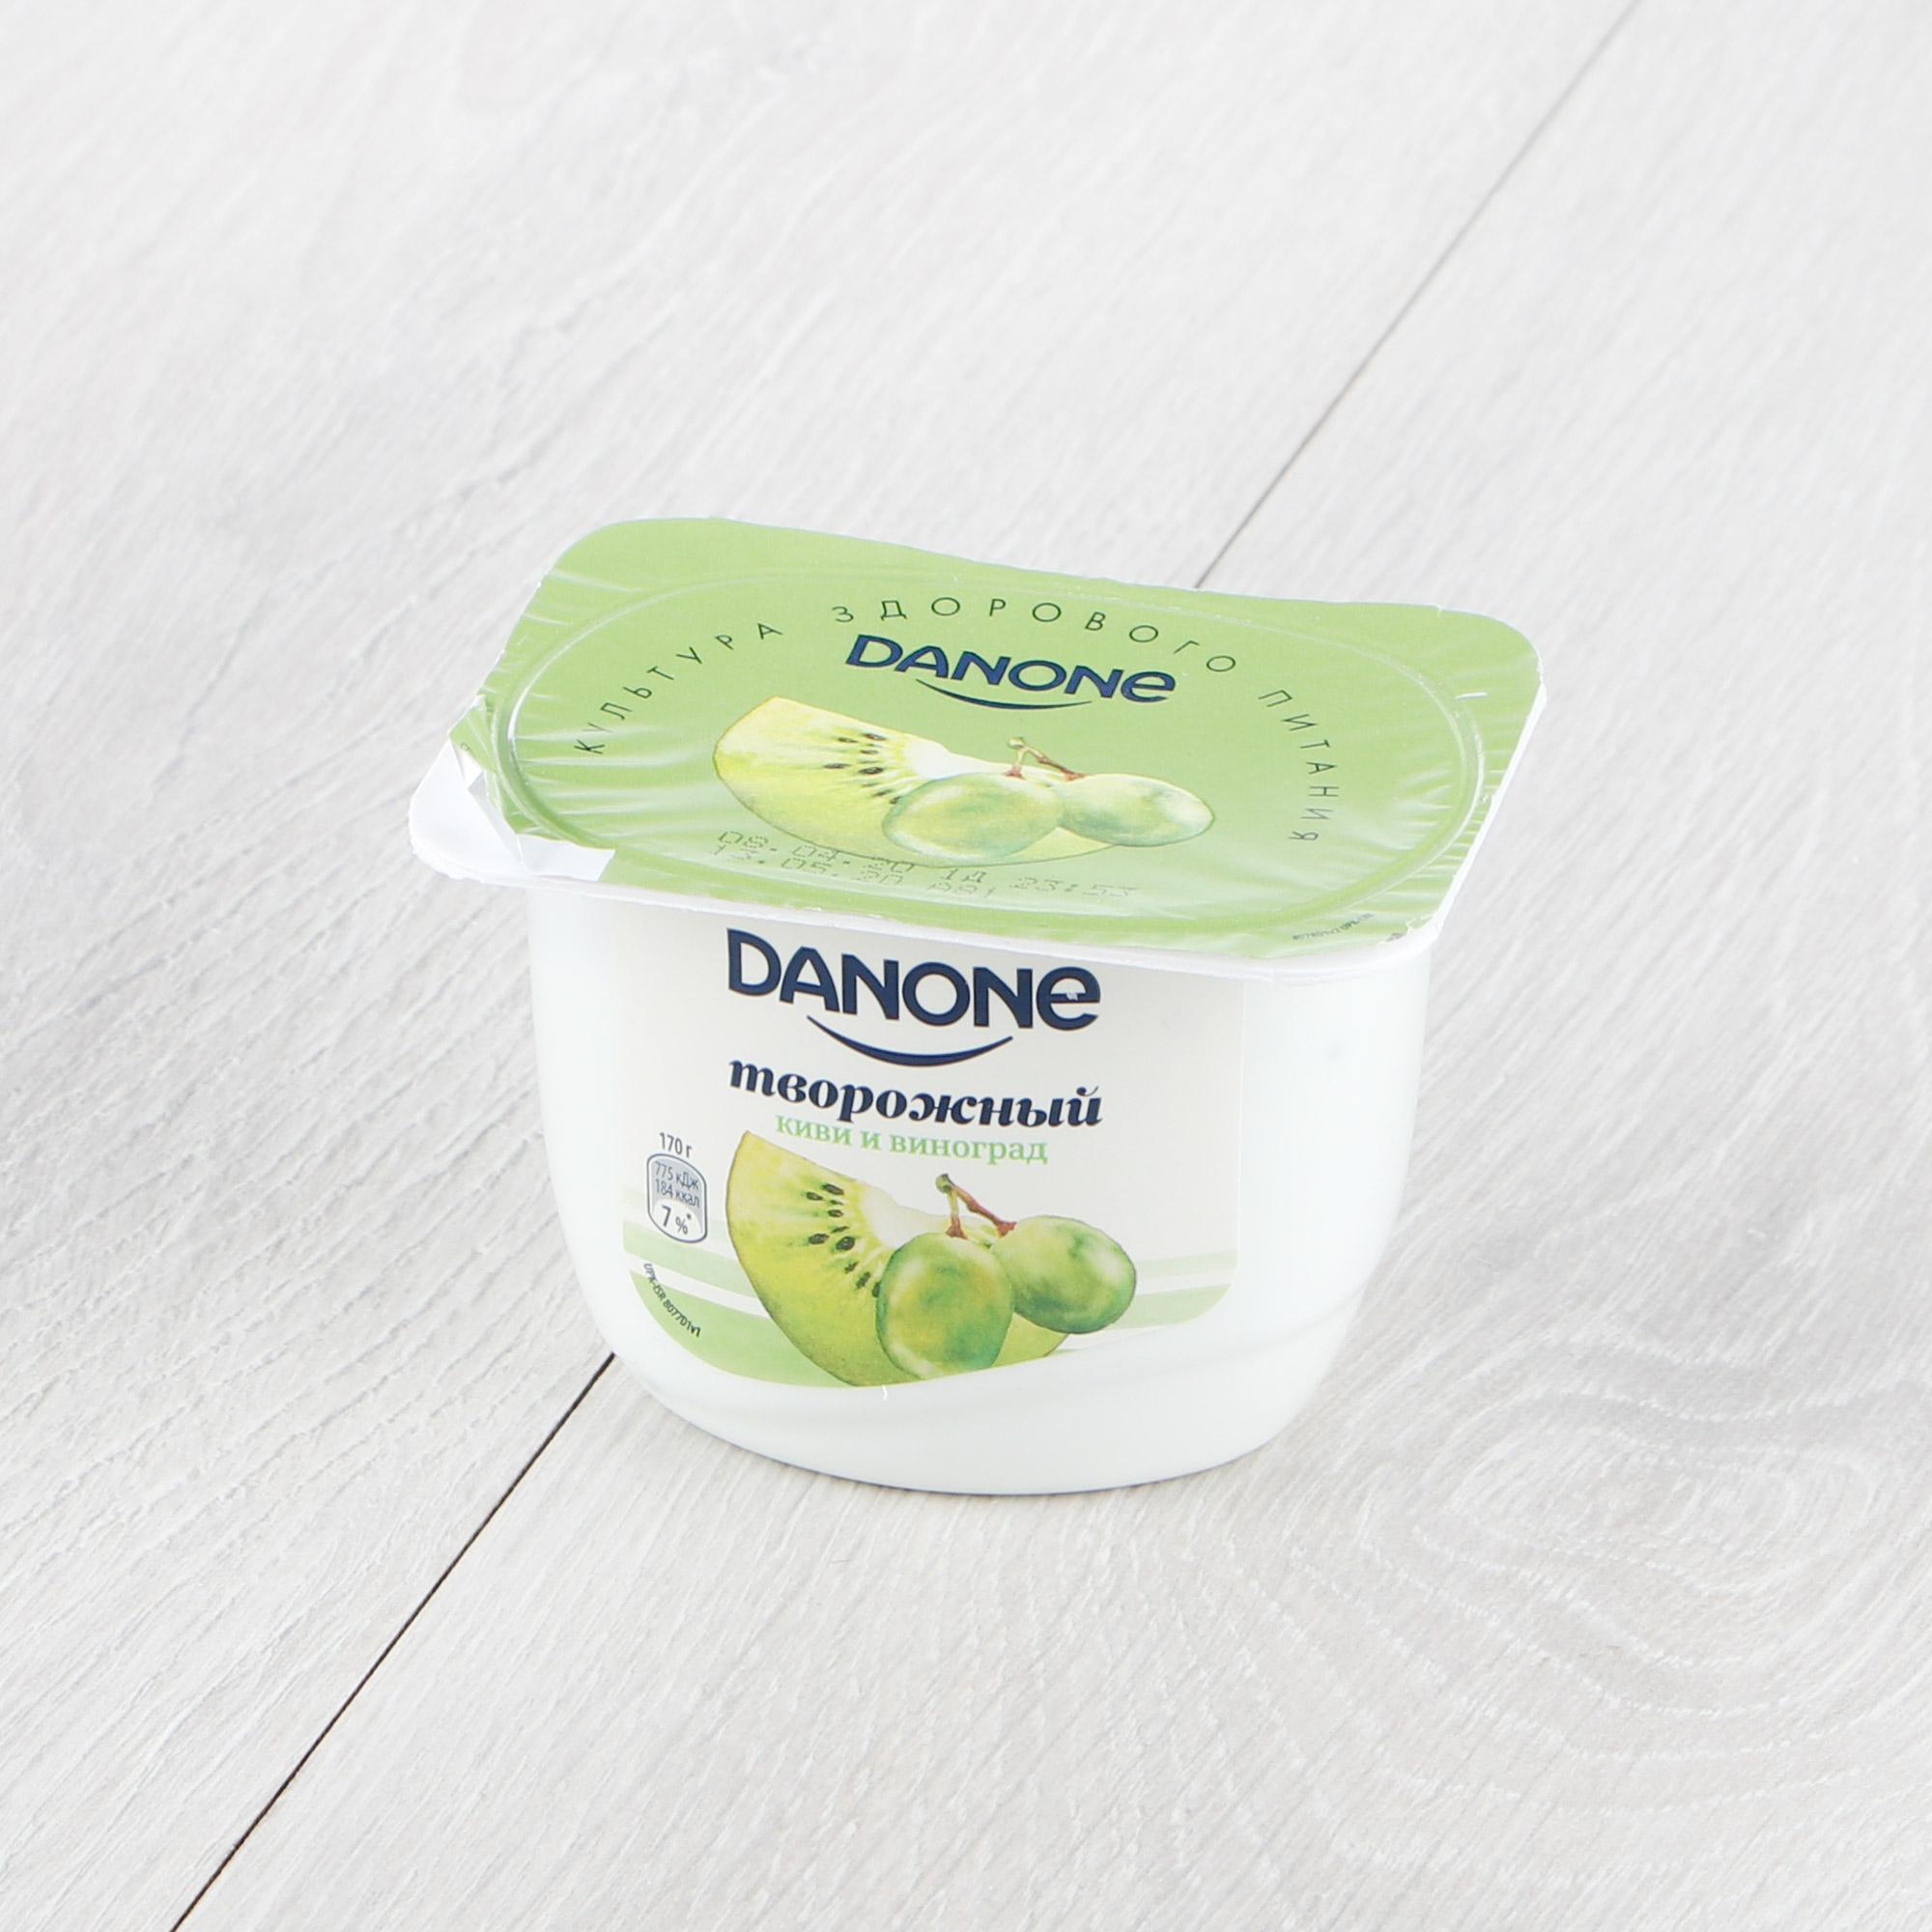 творог danone натуральный 5% 170 г Творог Danone Киви, виноград 170 г